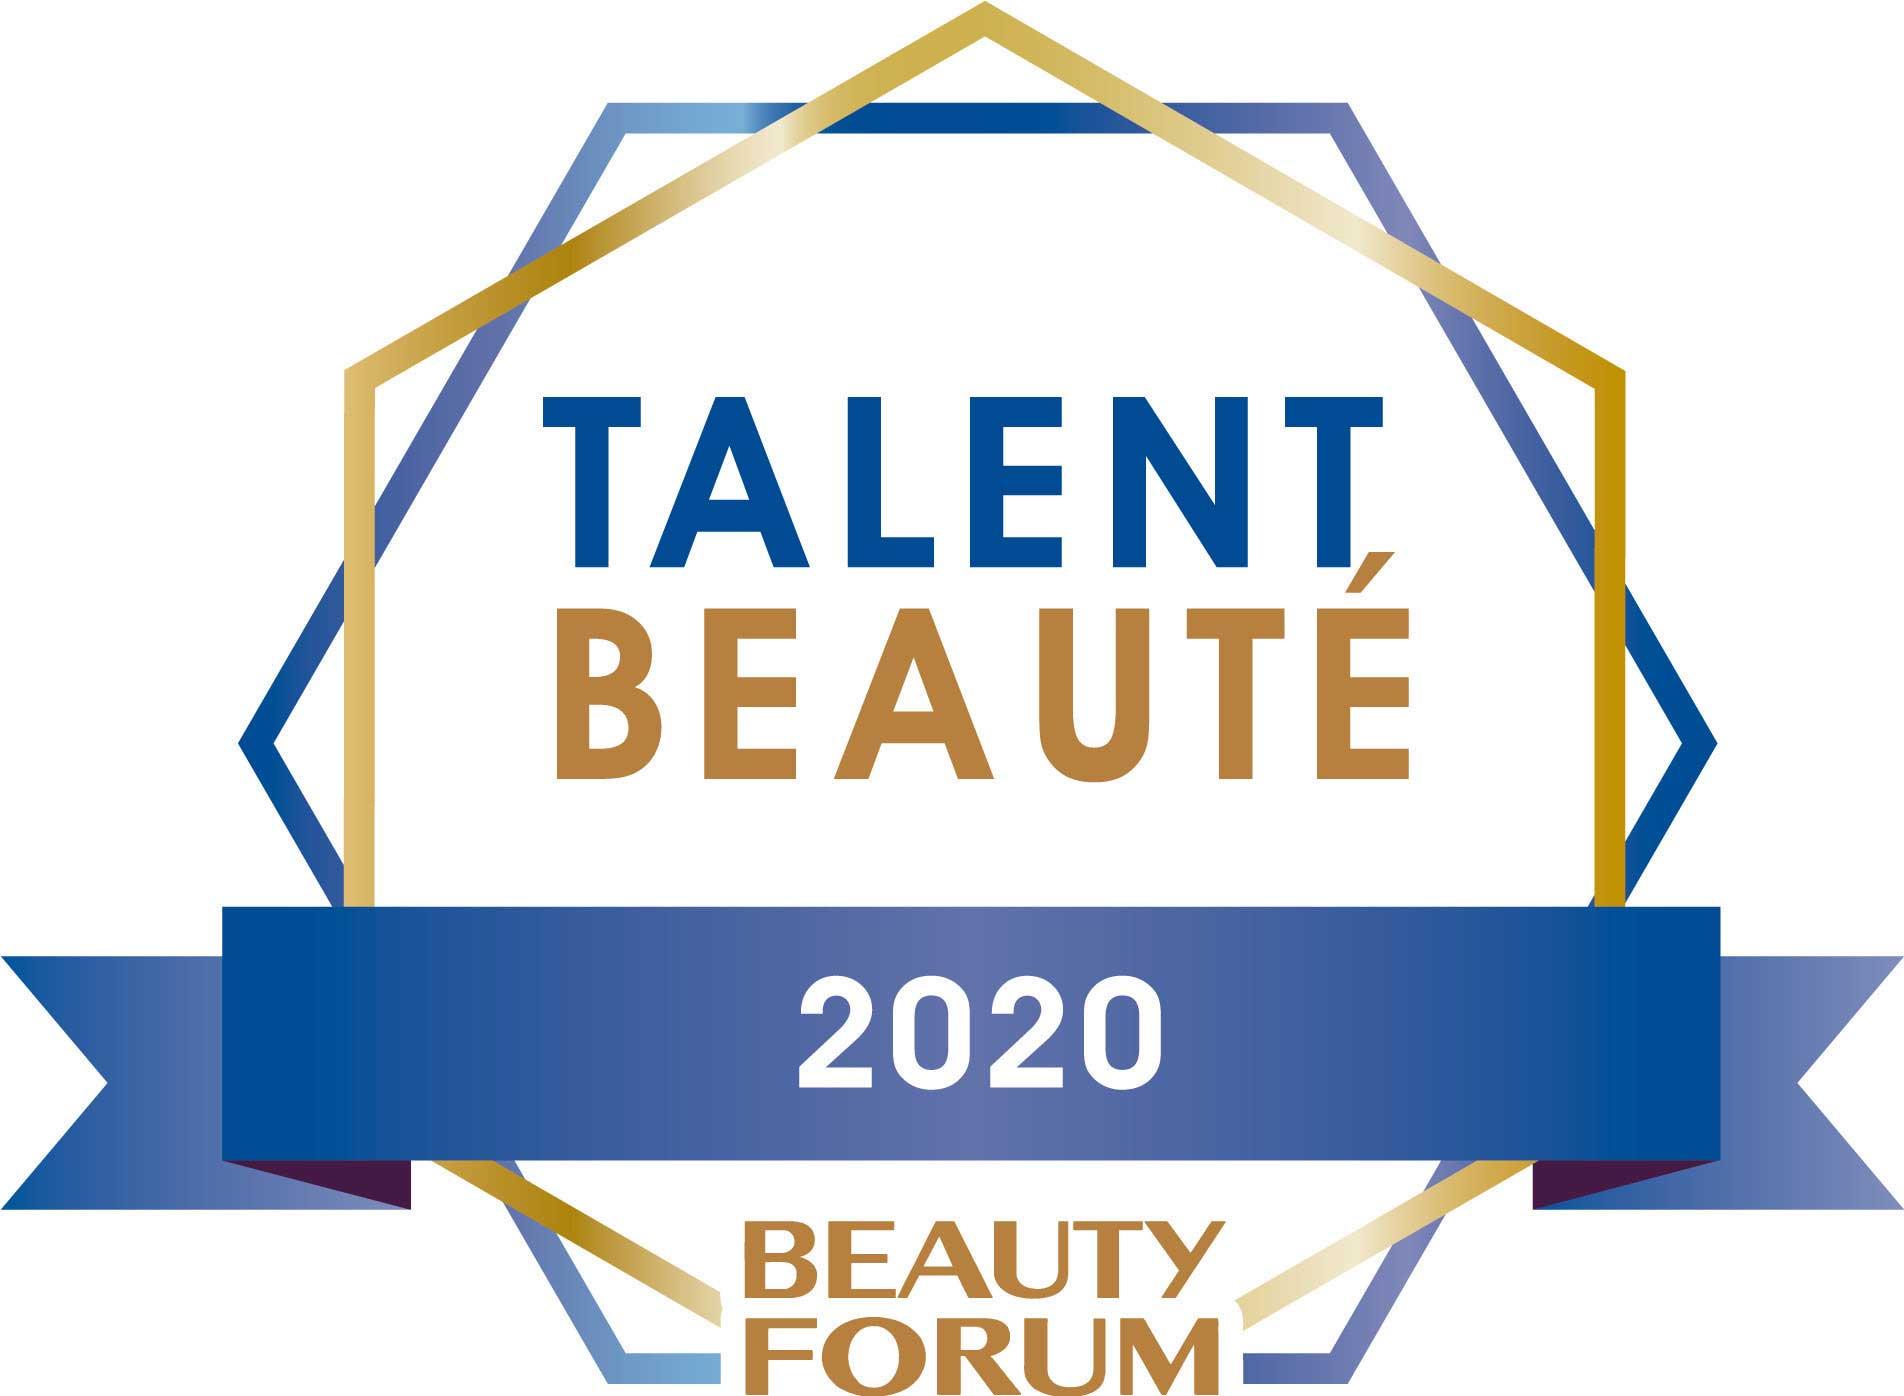 talent beaute 2020